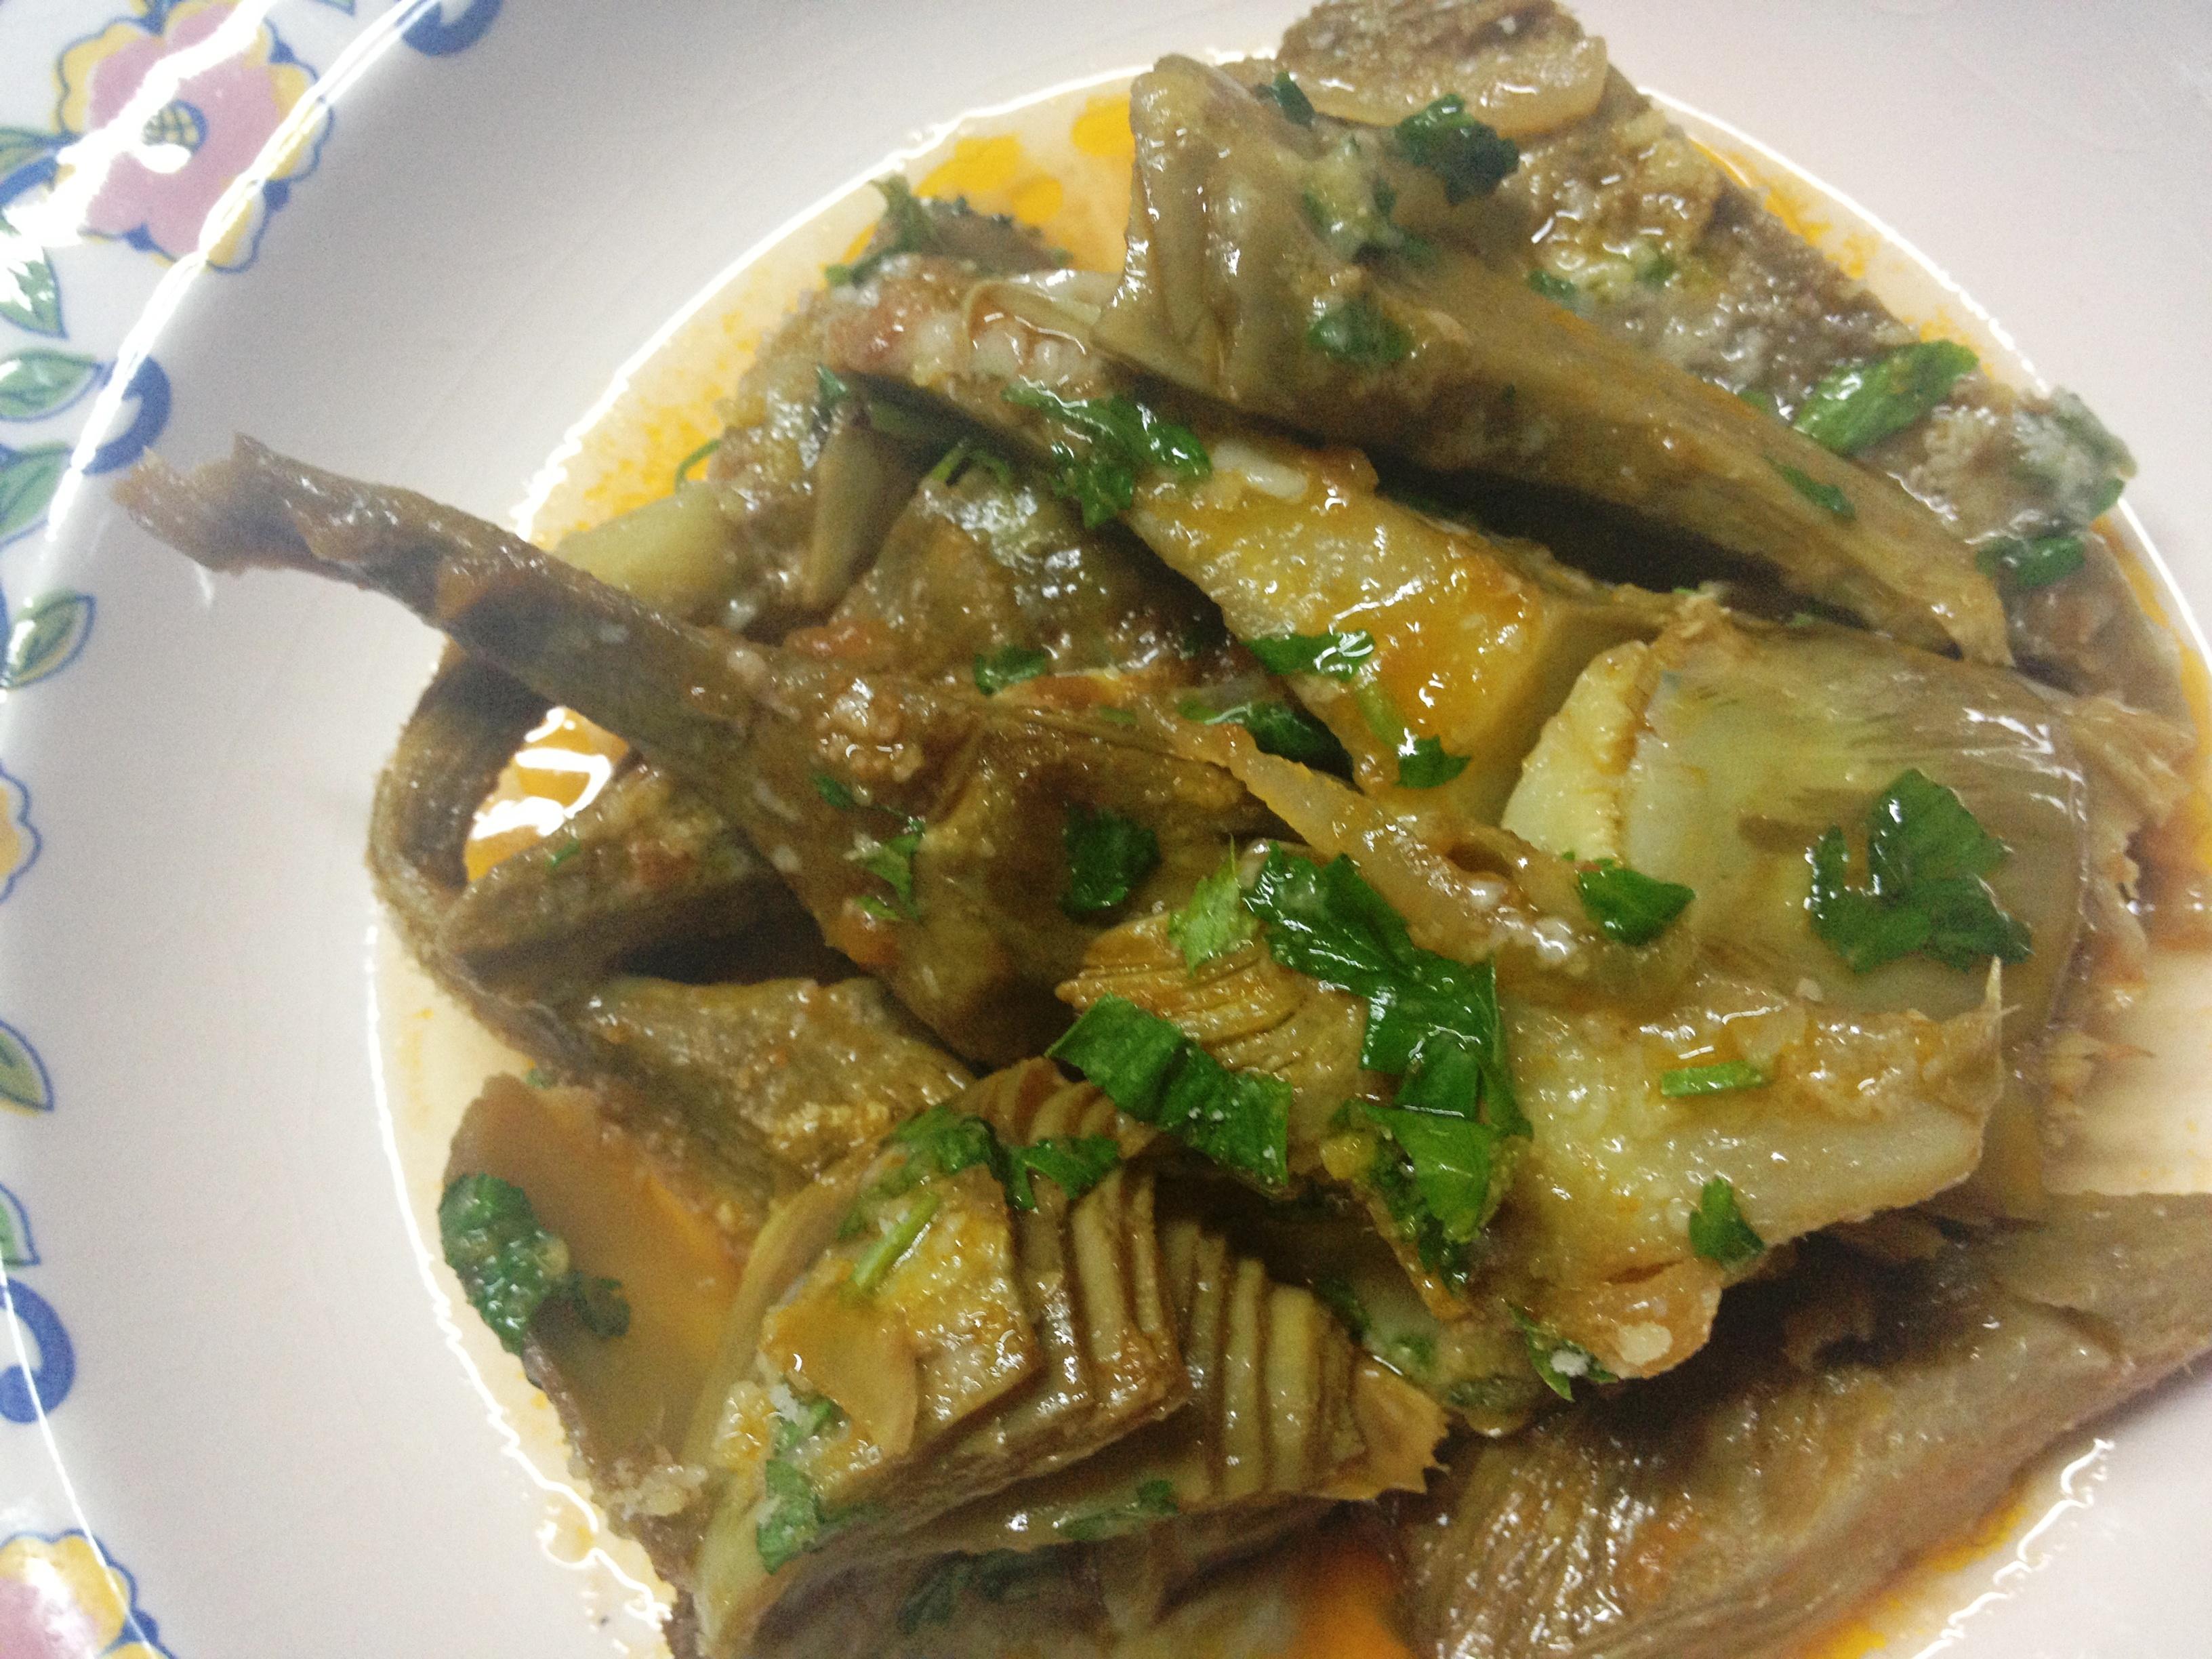 Stocco con carciofi ricetta prelibata la cucina del sole for Ricette con carciofi